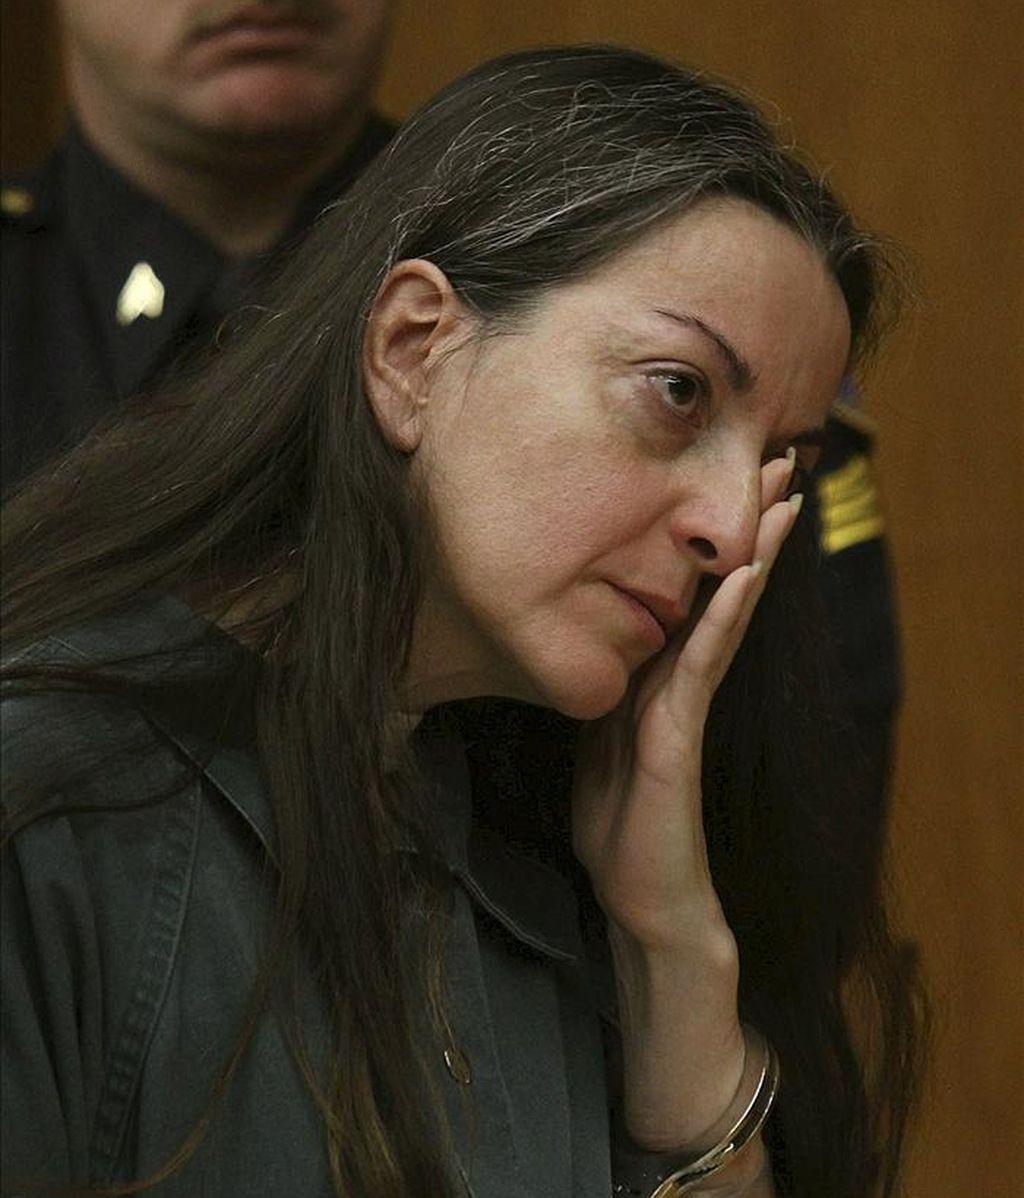 Las autoridades judiciales de Nueva Jersey estudiarán a finales de este mes si la abogada española María José Carrascosa, que cumple una condena de 14 años de prisión en EEUU por un conflicto sobre la custodia de su hija, reúne los requisitos para conseguir la libertad condicional. EFE/Archivo